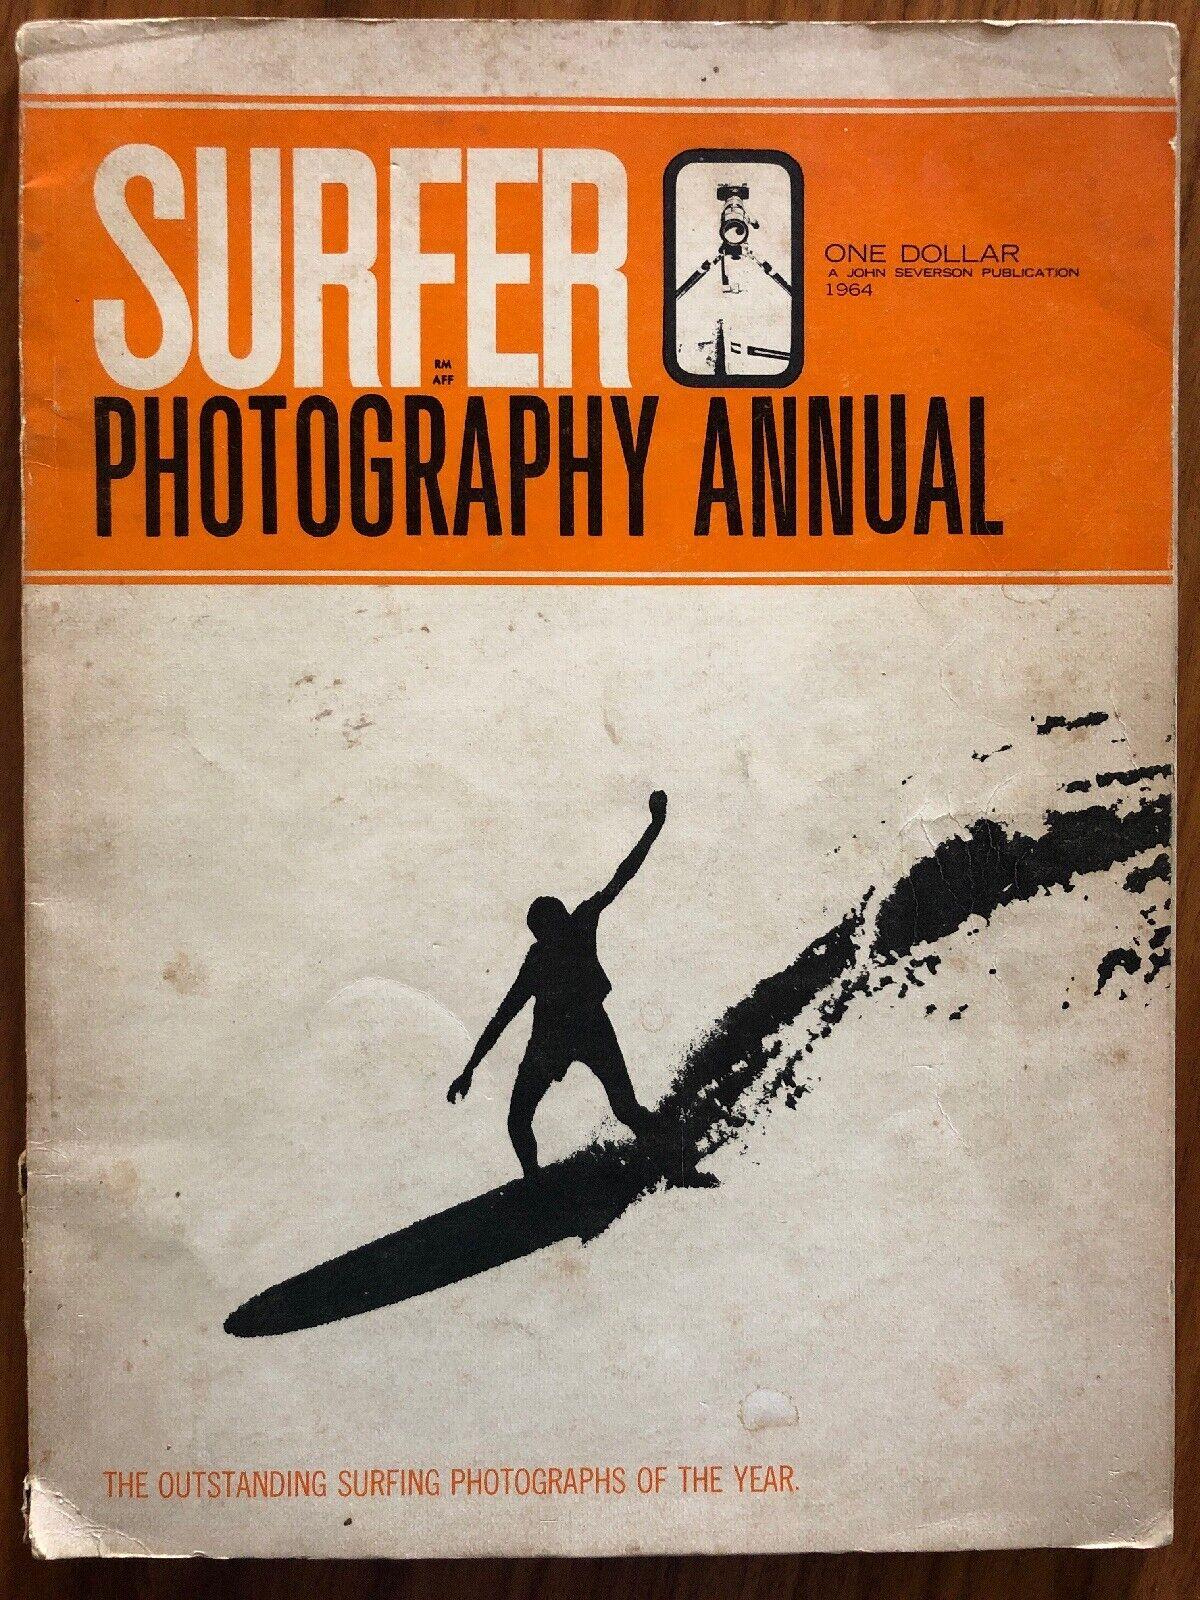 Surfista  , una publicación John Stevenson, fotografía raro problema anual (1963)